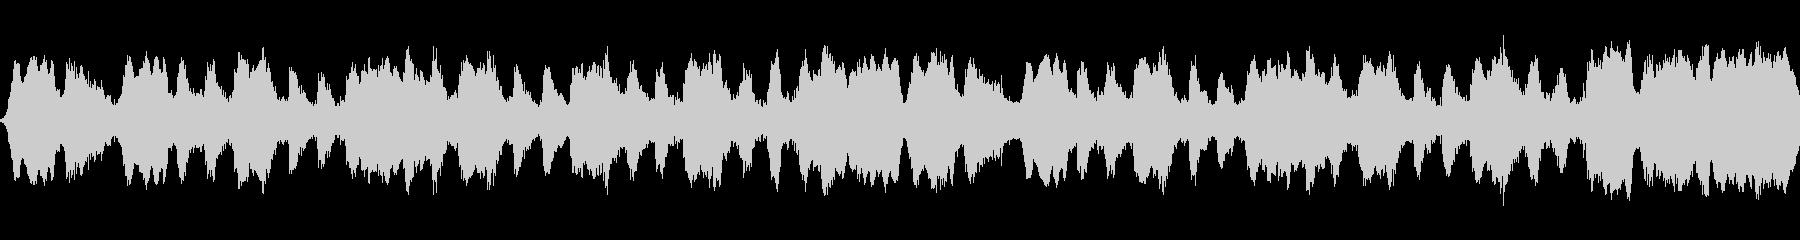 ピーカンサニーデイの未再生の波形